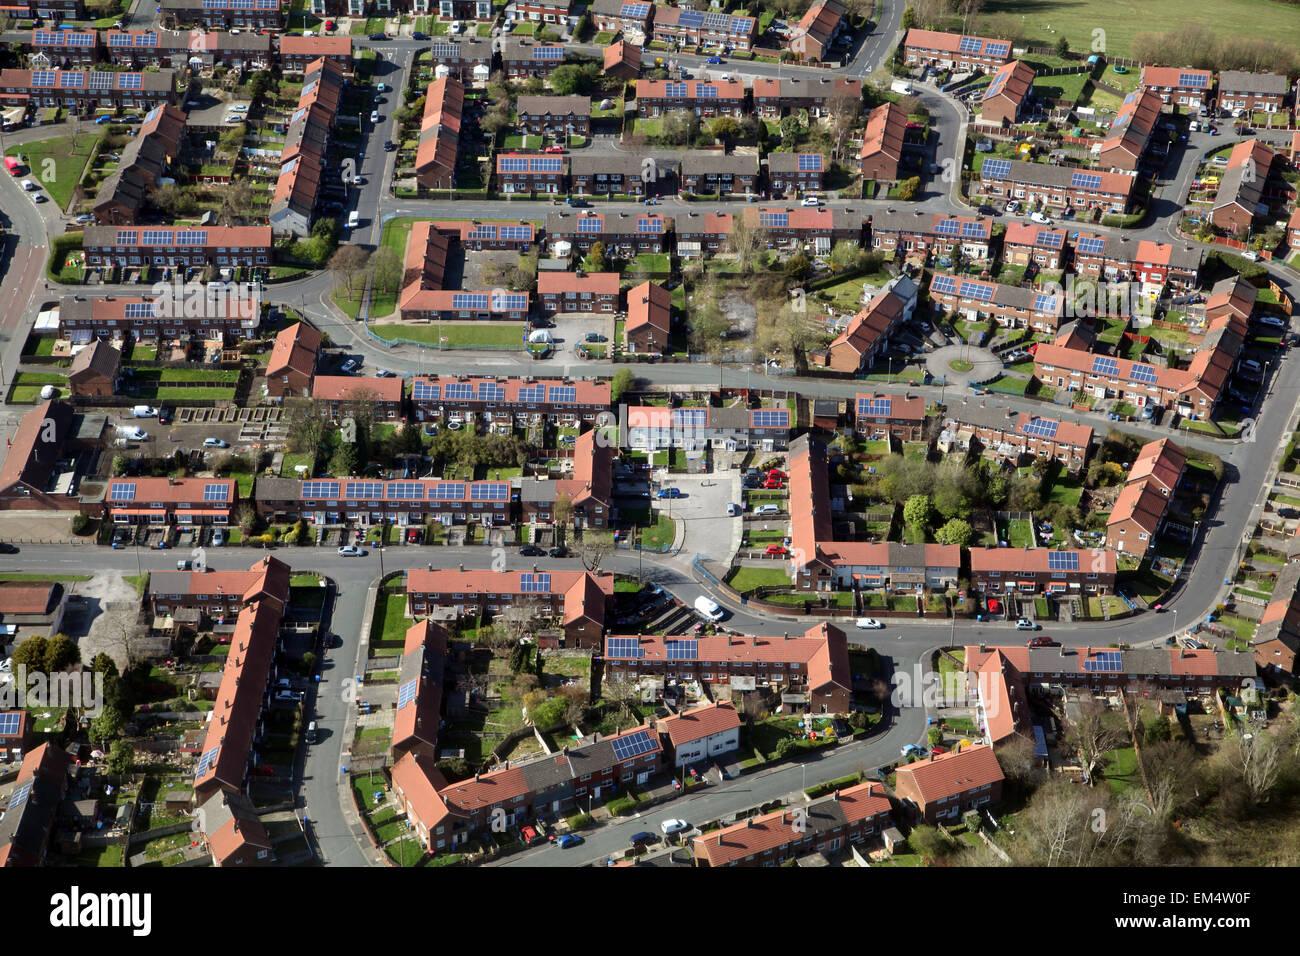 Vista aérea del Reino Unido alojamiento con paneles solares Imagen De Stock